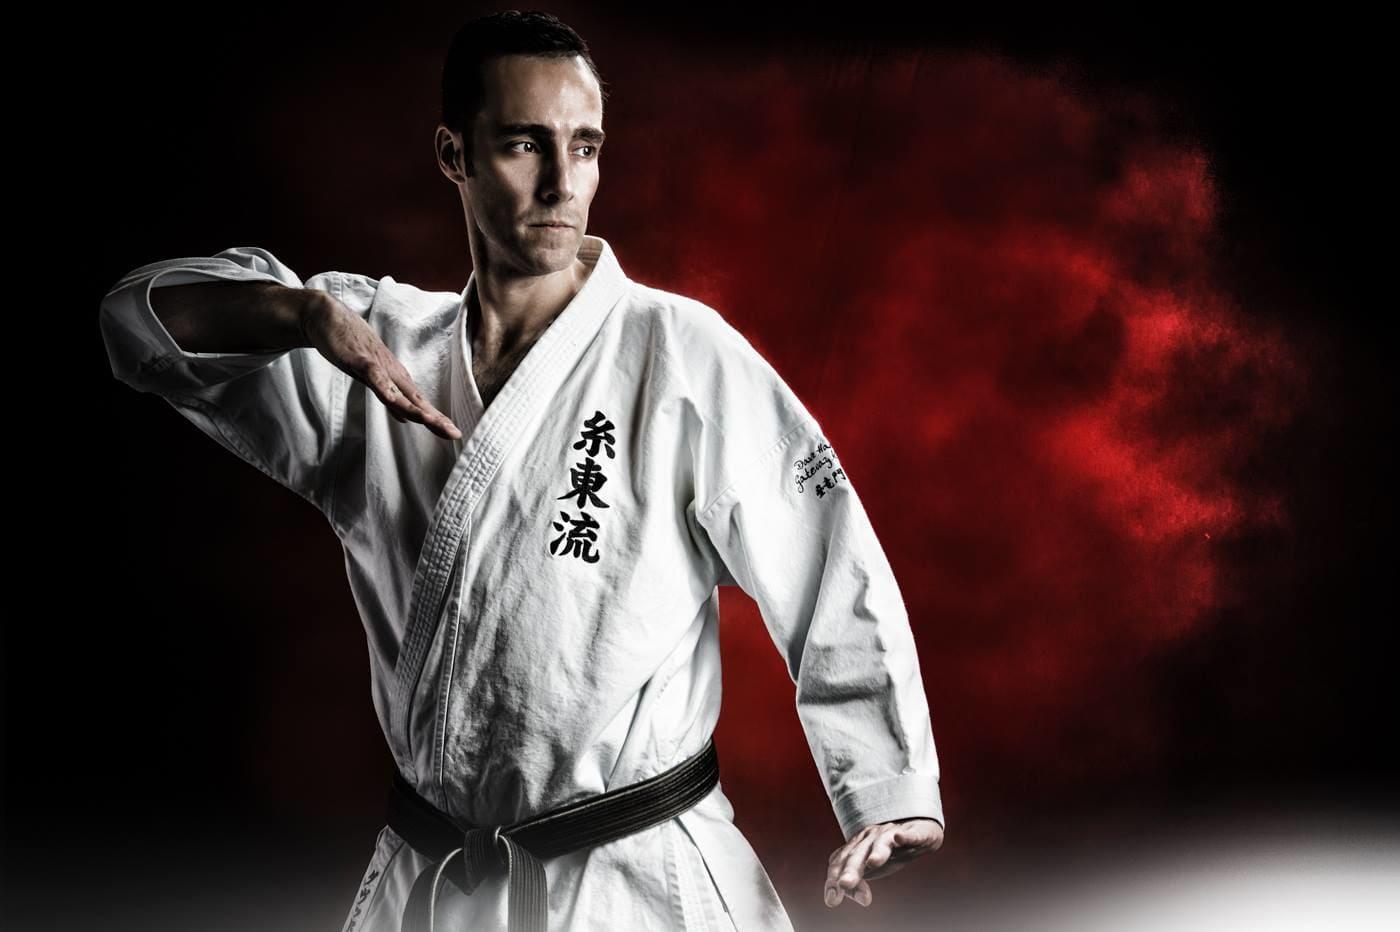 Dave Hanson in St. Louis - Dave Hanson's Gateway Karate